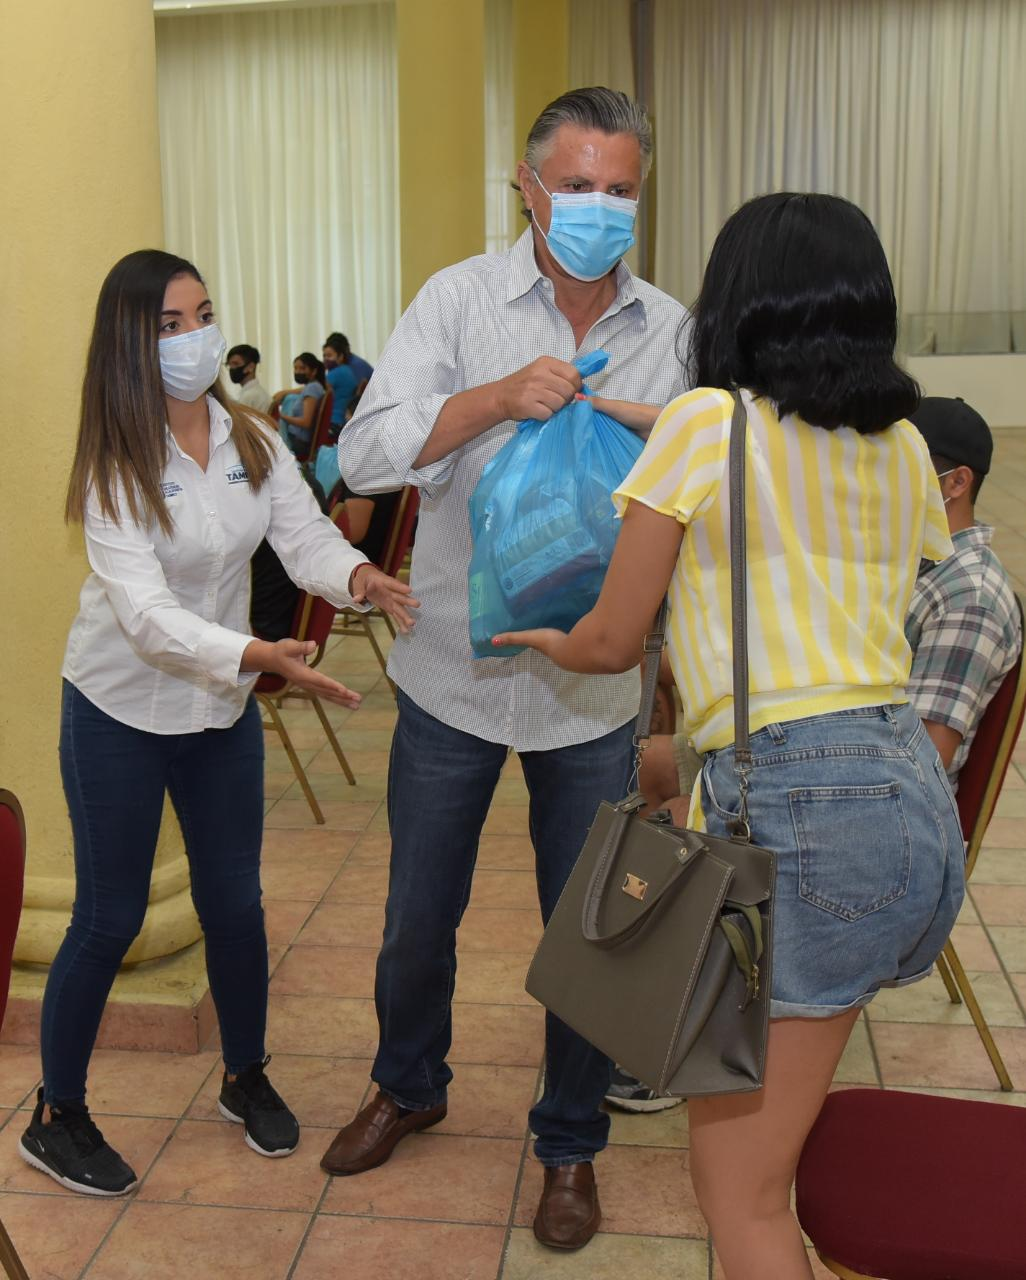 Entregan apoyos a jóvenes afectados por la pandemia